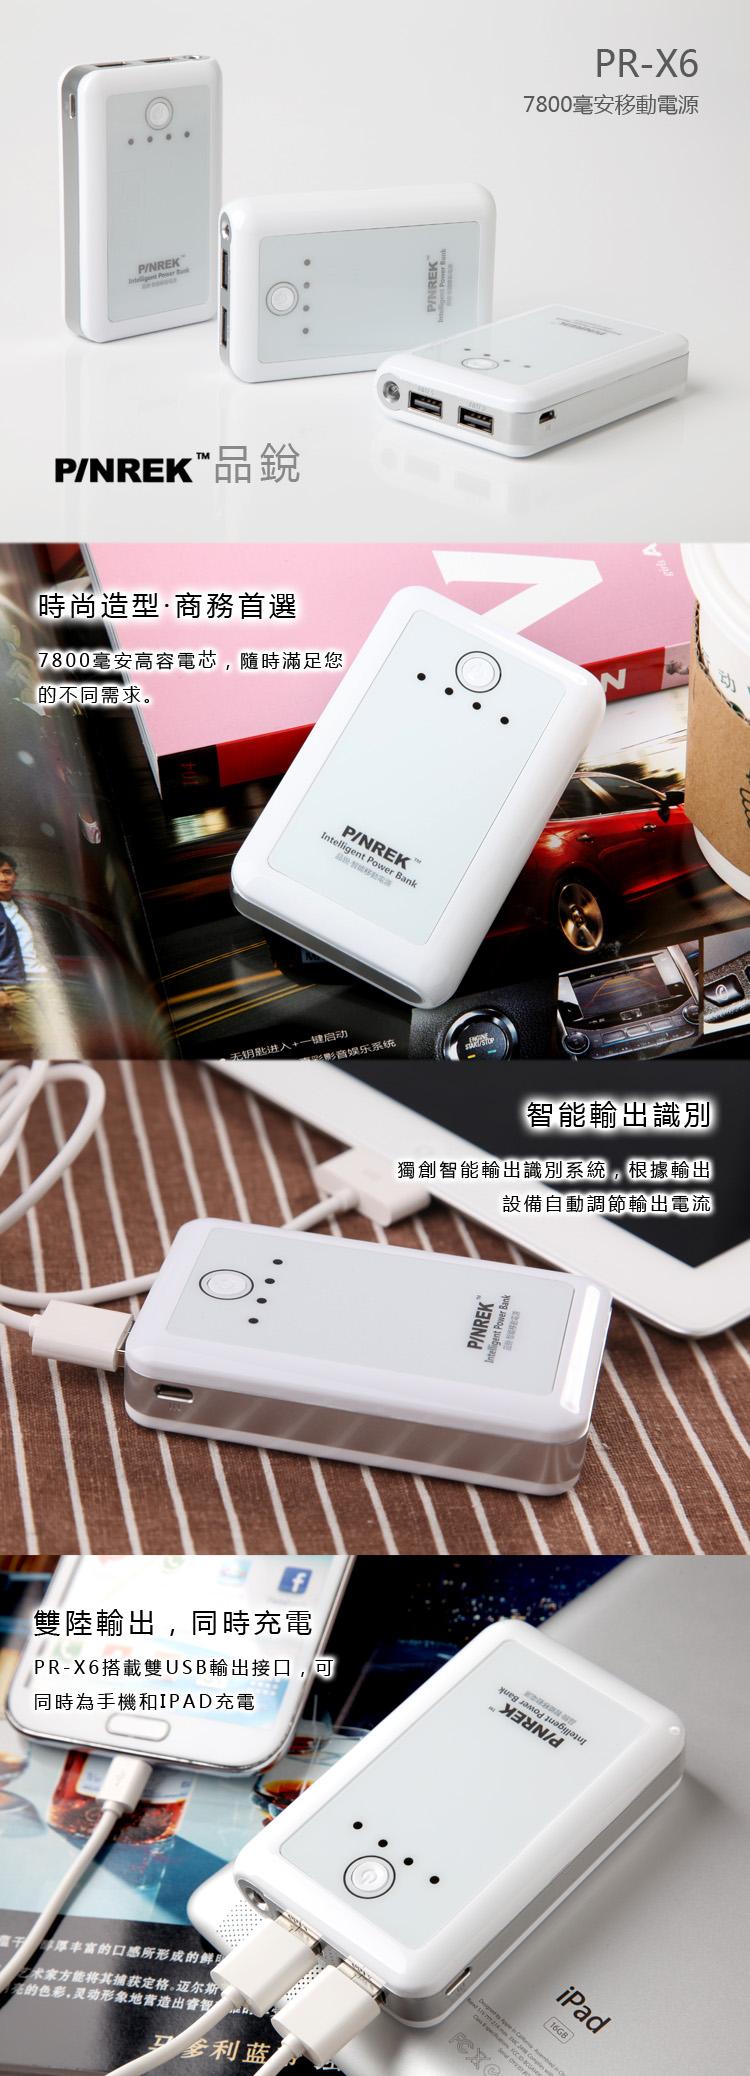 7800毫安正品双USB智能移动电源 手机充电宝图片一